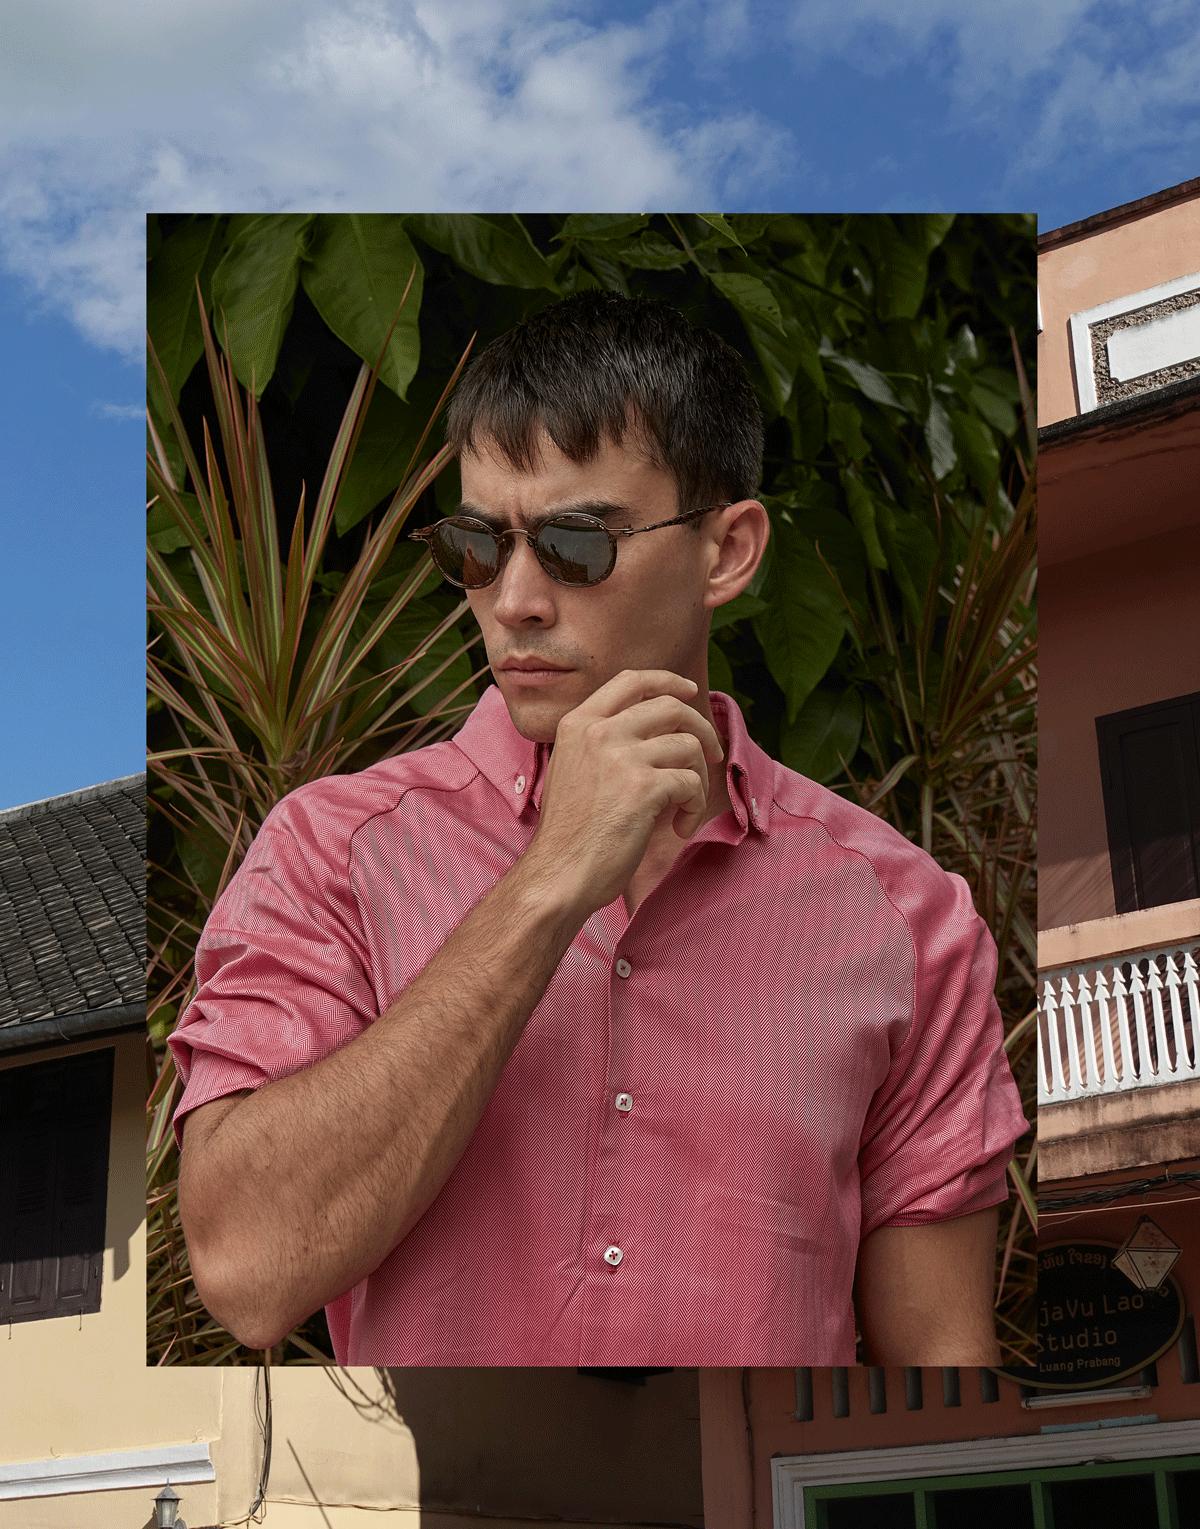 shirt : SARIT / sunglasses : Tavat eyewear